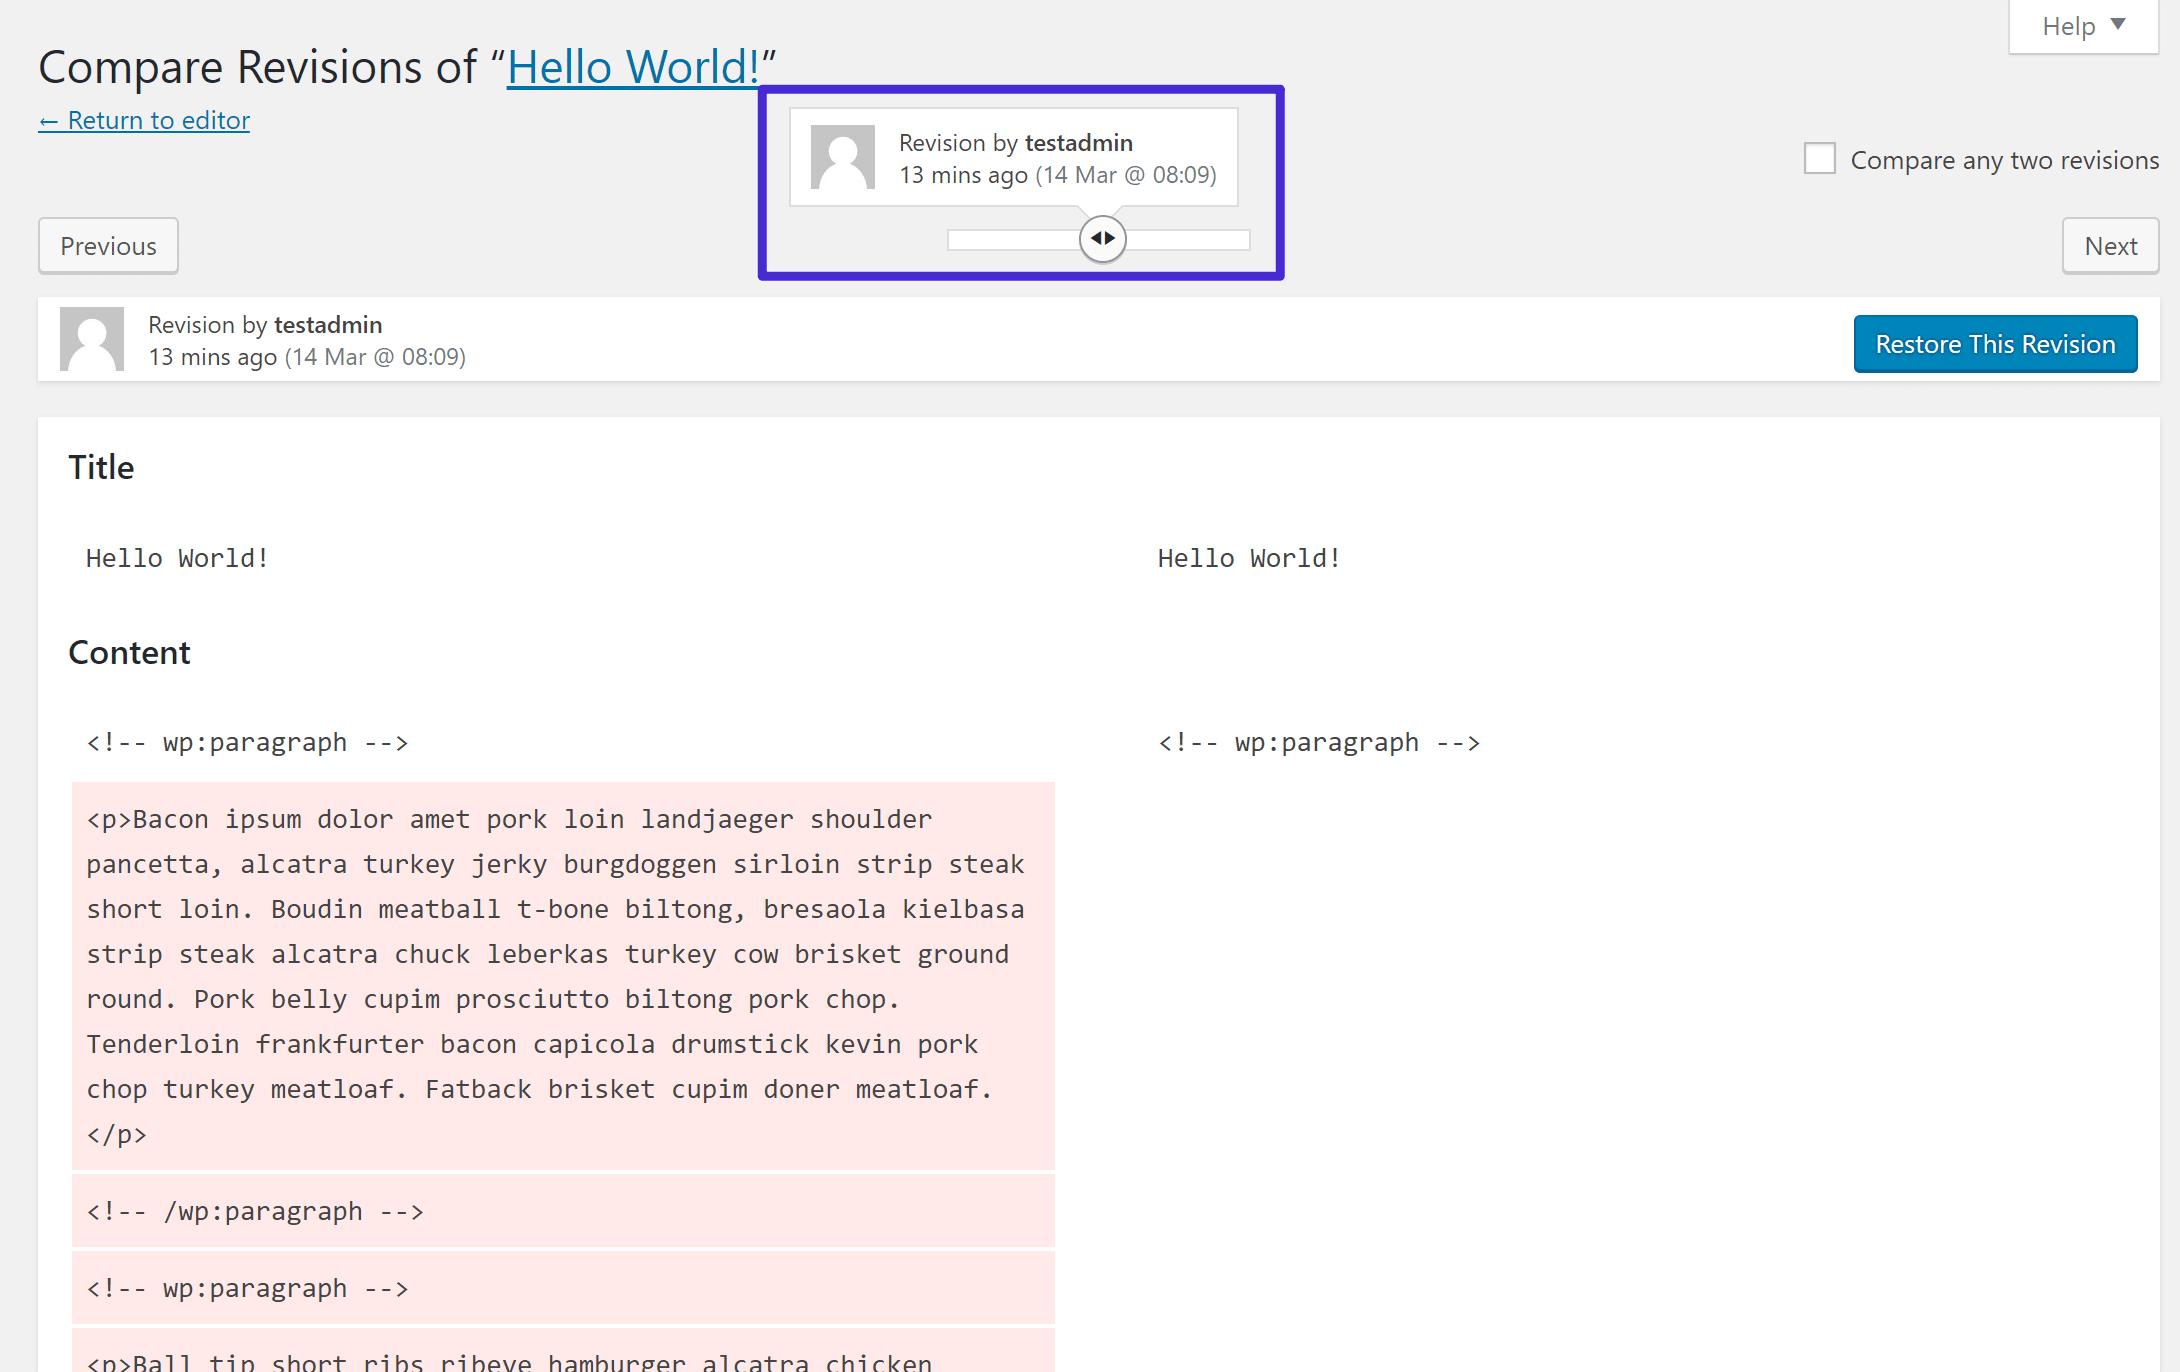 O recurso integrado de Revisões do WordPress